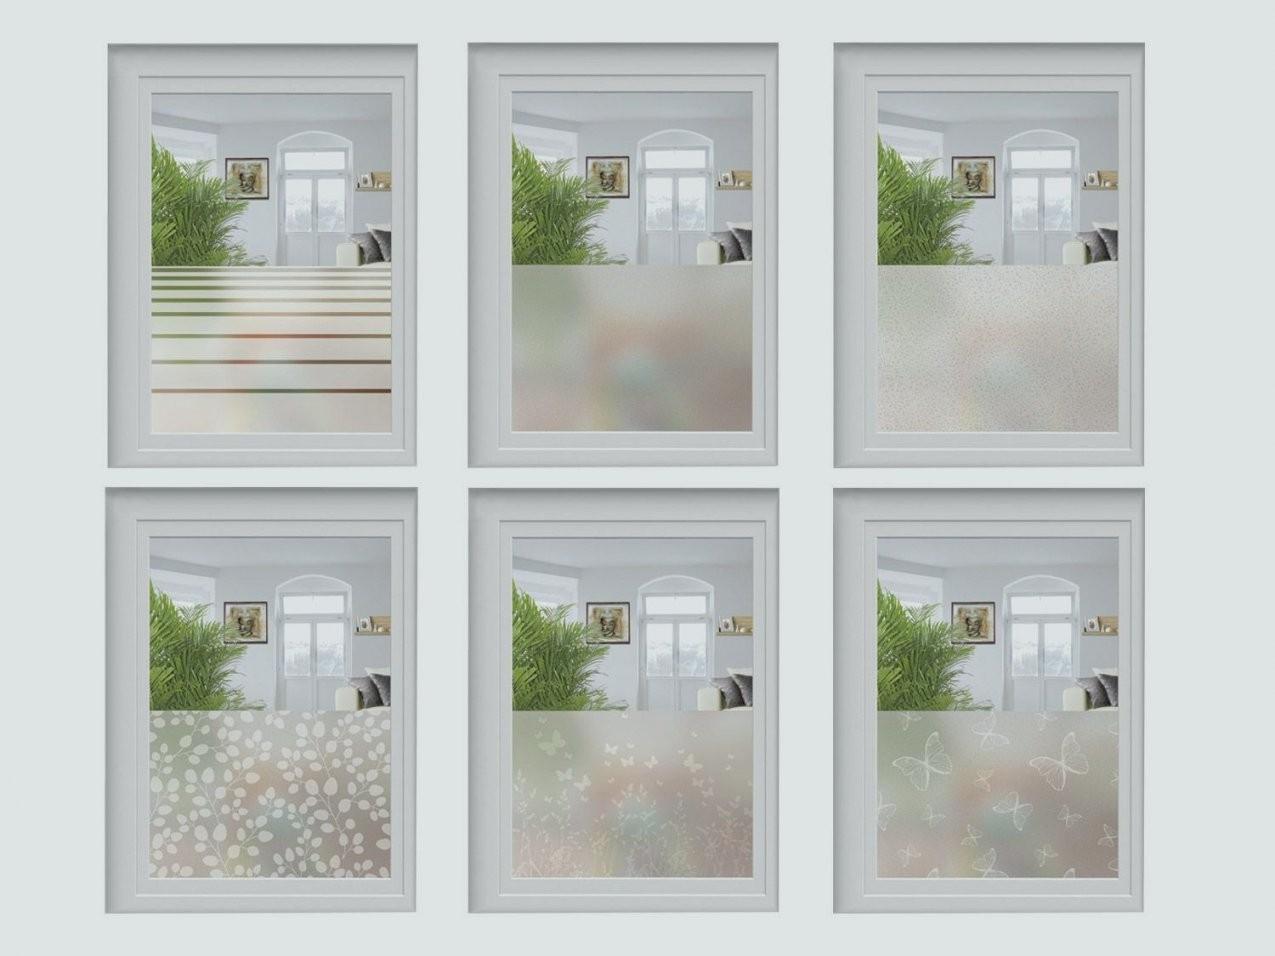 10 Großartig Und Sauber Folie Für Fenster  Fenster Galerie von Fensterfolie Sichtschutz Nach Maß Photo